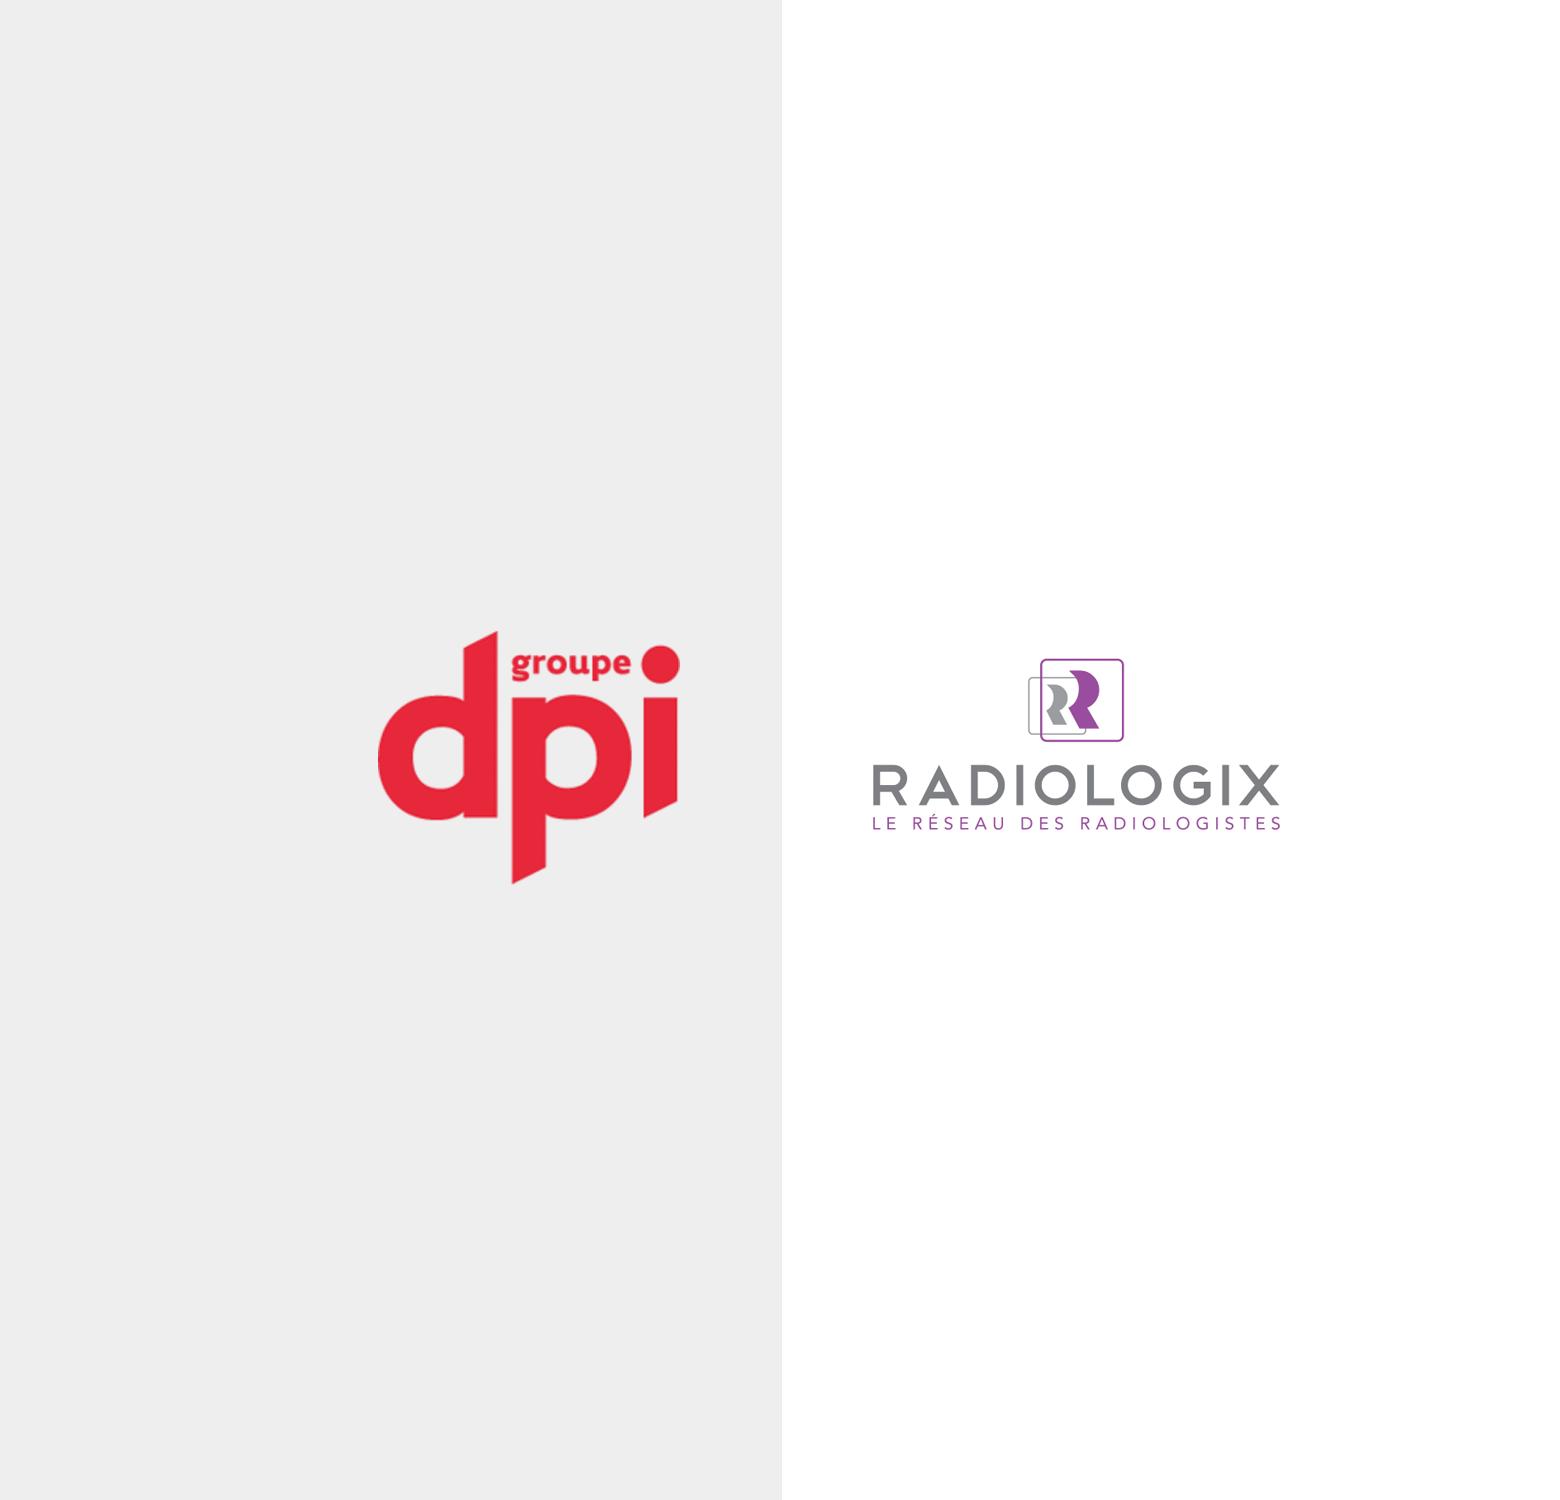 Groupe DPI and Radiologix logos